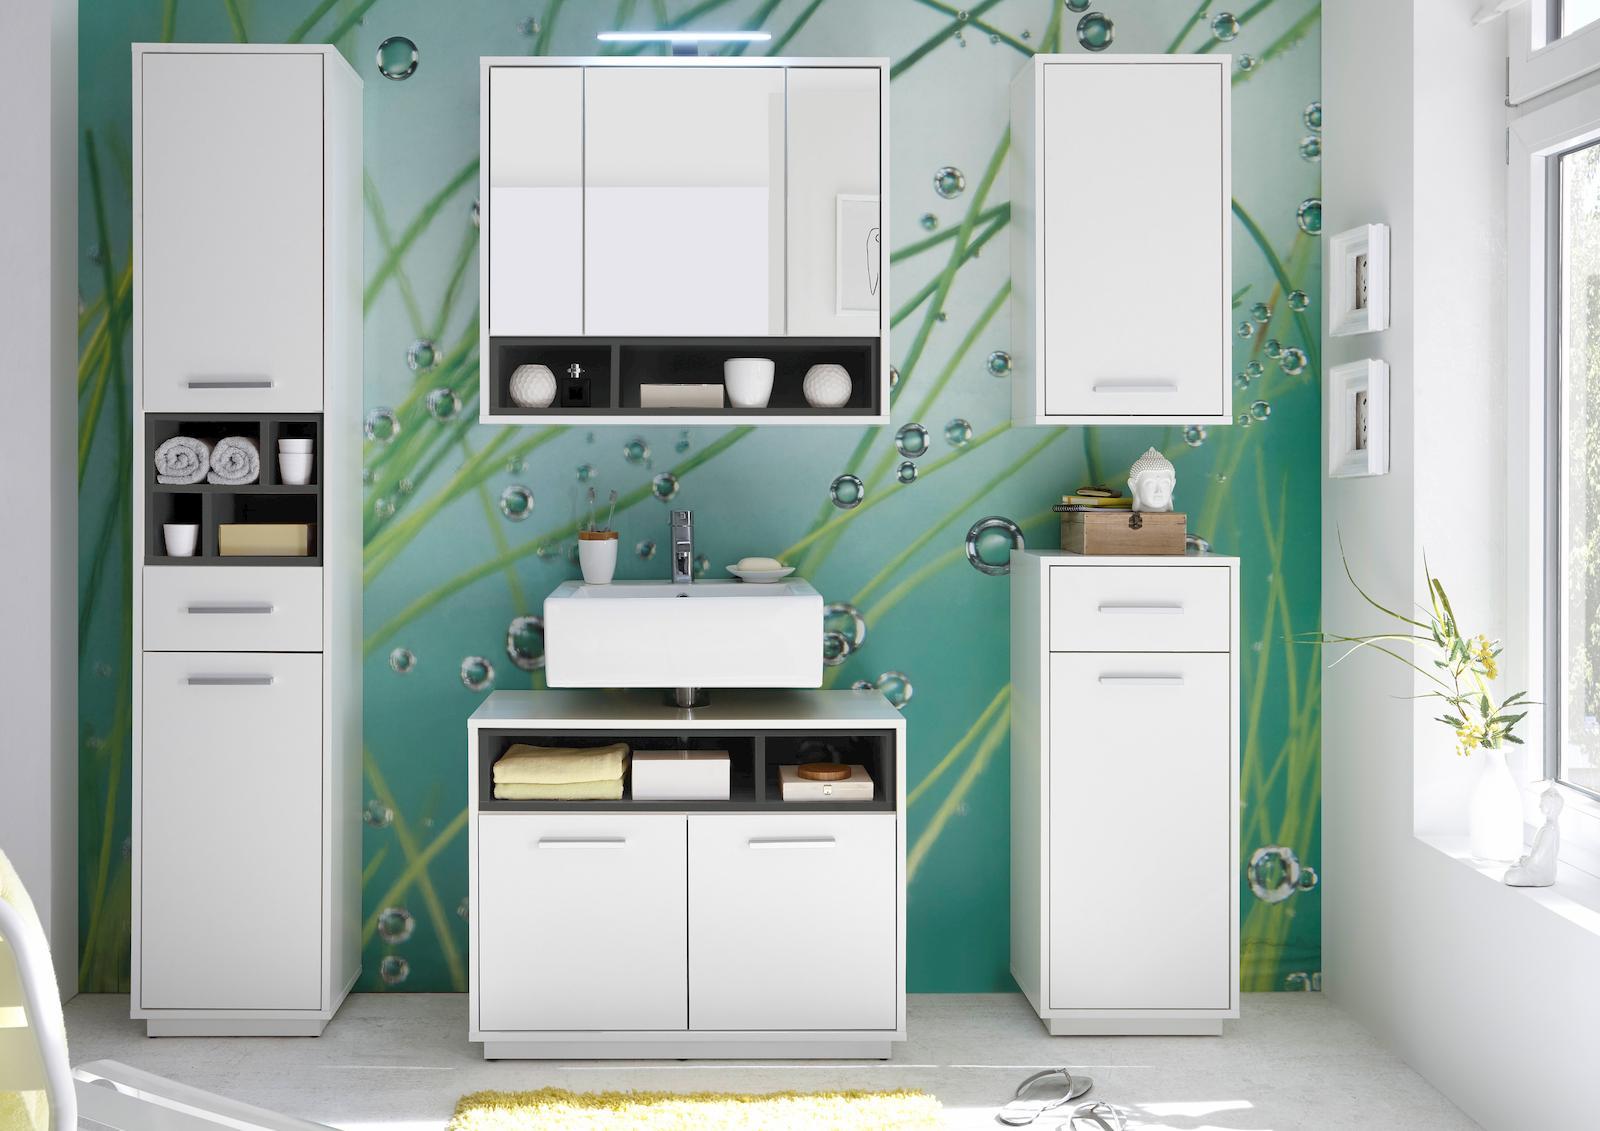 milano spiegelschrank inkl beleuchtung h ngeschrank badspiegel wei wildeiche bad spiegel. Black Bedroom Furniture Sets. Home Design Ideas